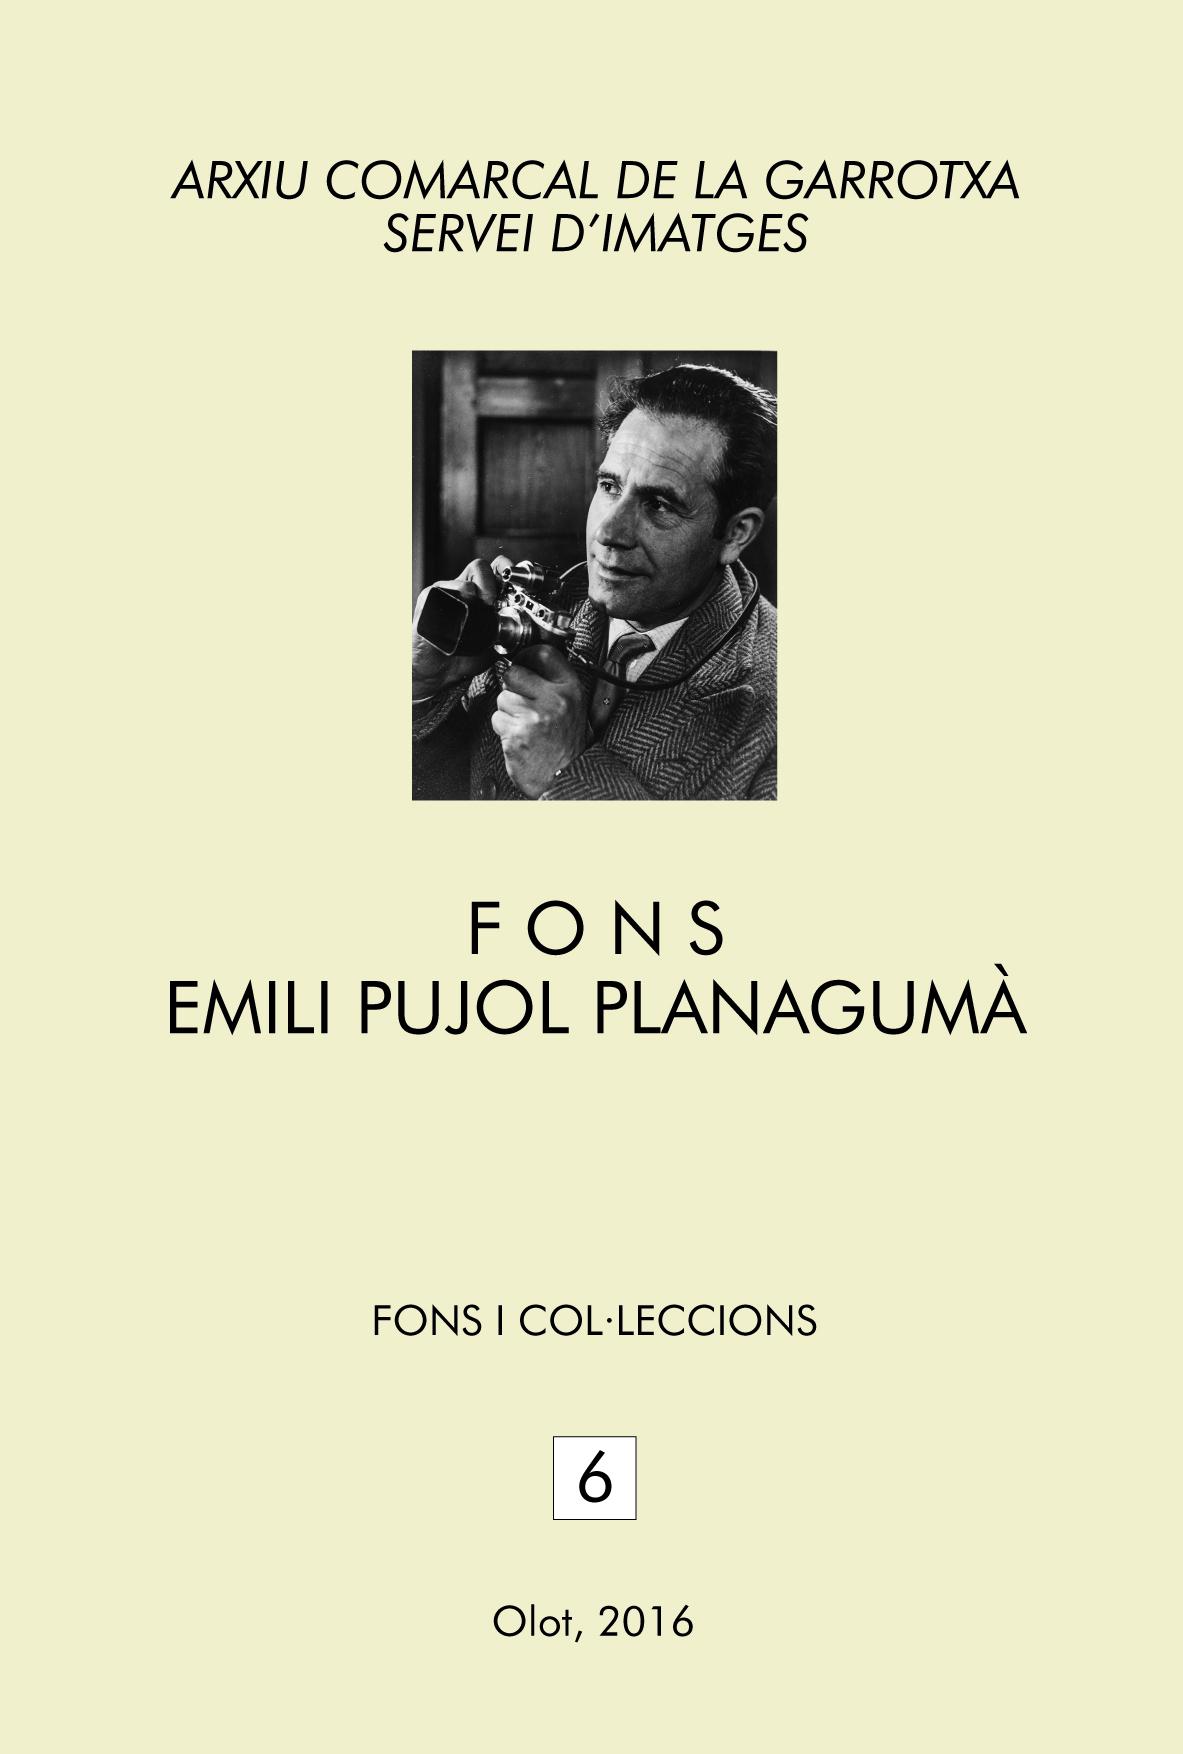 Fons Emili Pujol Planagumà, Servei d'Imatges de l'ACGAX i Institut de Cultura de la Ciutat d'Olot